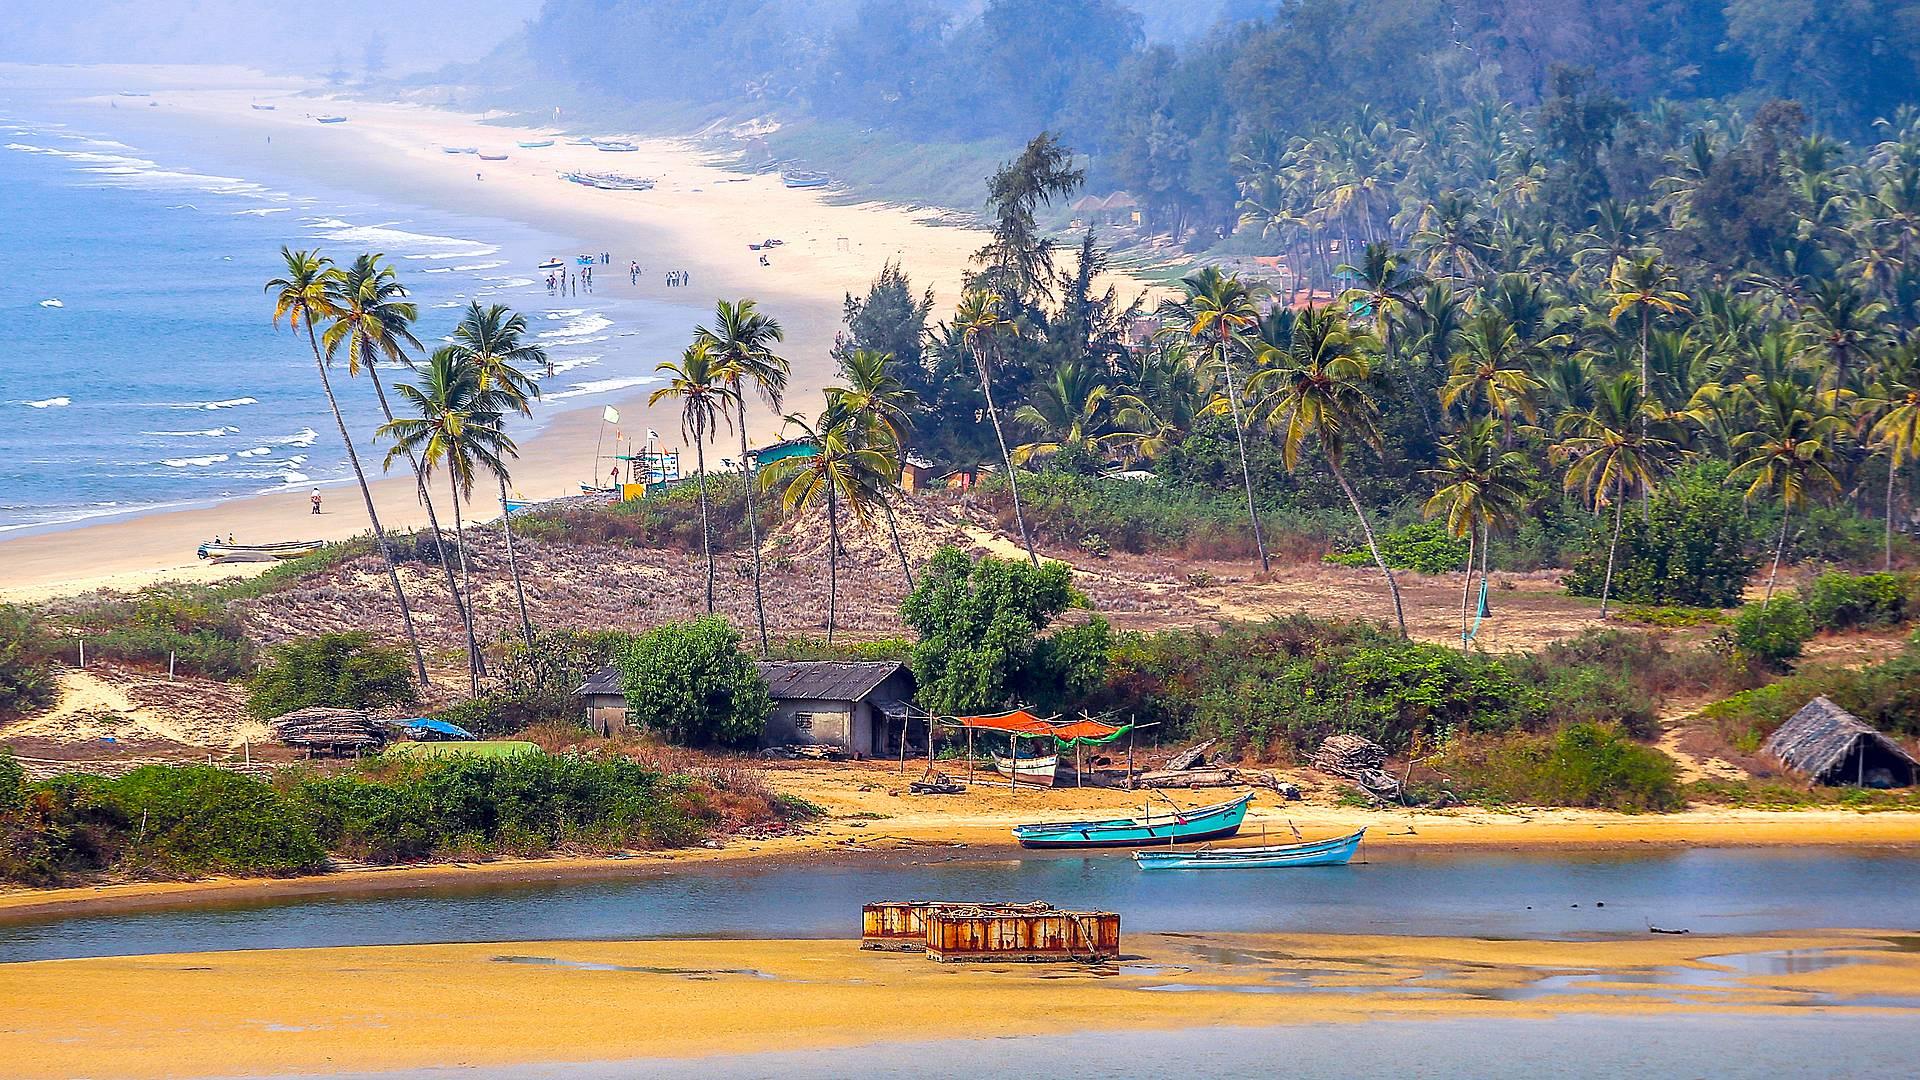 Semana Santa por la tierra de Rajasthan y las playas de Goa